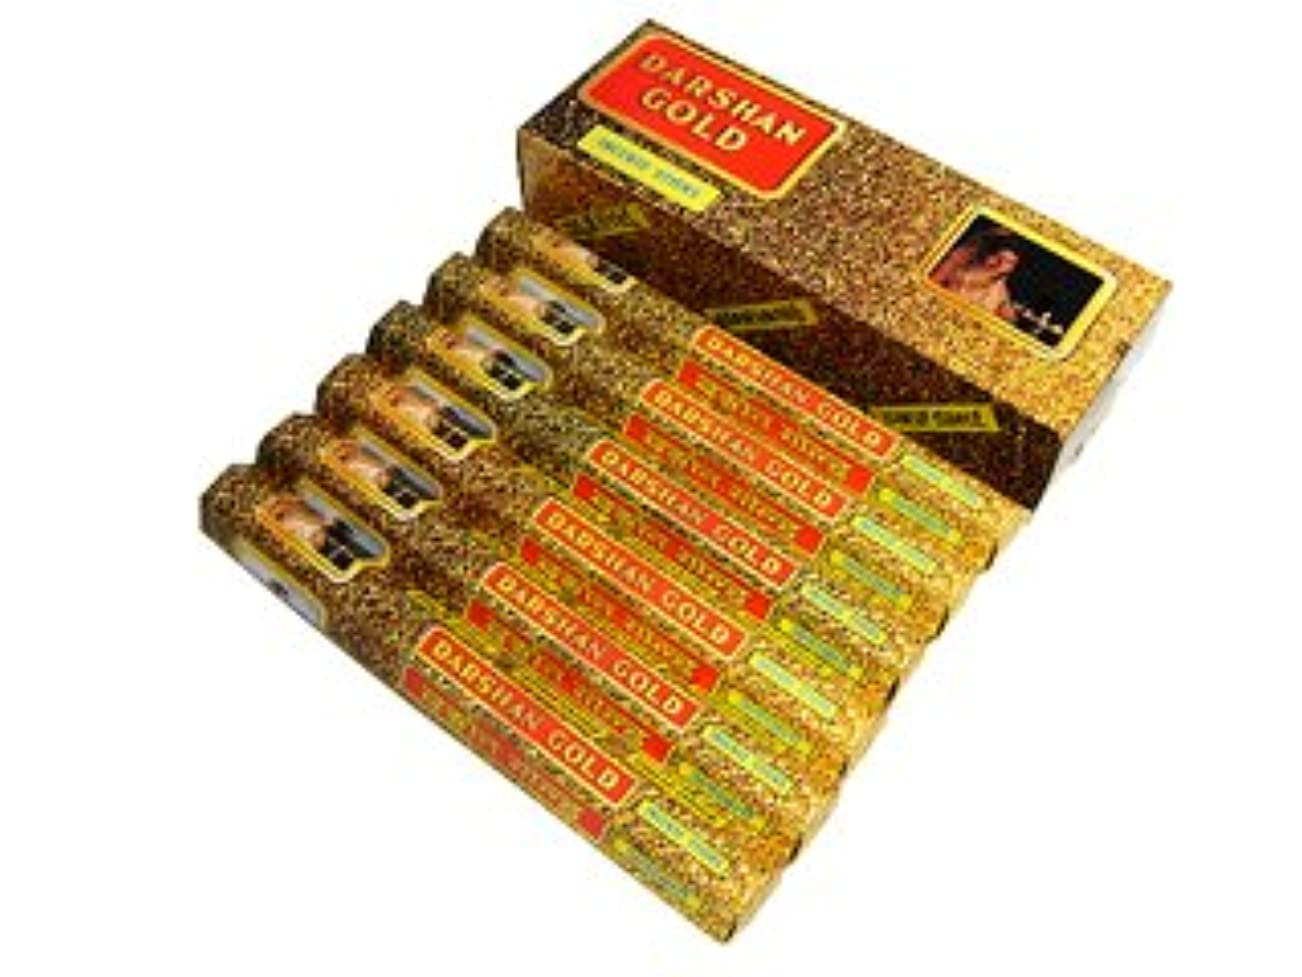 ヘルメット皮肉牧草地DARSHAN(ダルシャン) ゴールド香 スティック DARSHAN(ダルシャン) 6箱セット